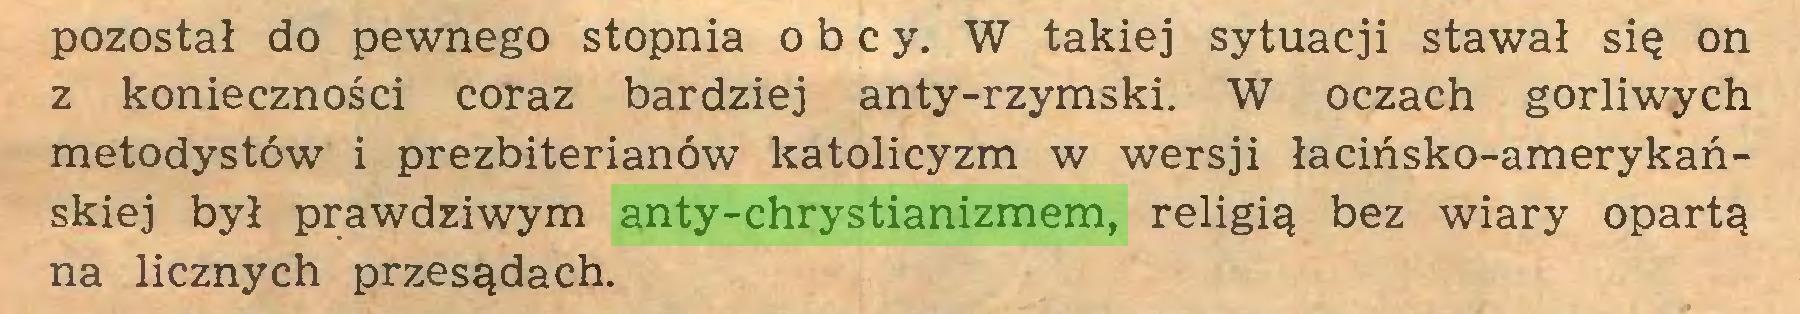 (...) pozostał do pewnego stopnia obcy. W takiej sytuacji stawał się on z konieczności coraz bardziej anty-rzymski. W oczach gorliwych metodystów i prezbiterianów katolicyzm w wersji łacińsko-amerykańskiej był prawdziwym anty-chrystianizmem, religią bez wiary opartą na licznych przesądach...